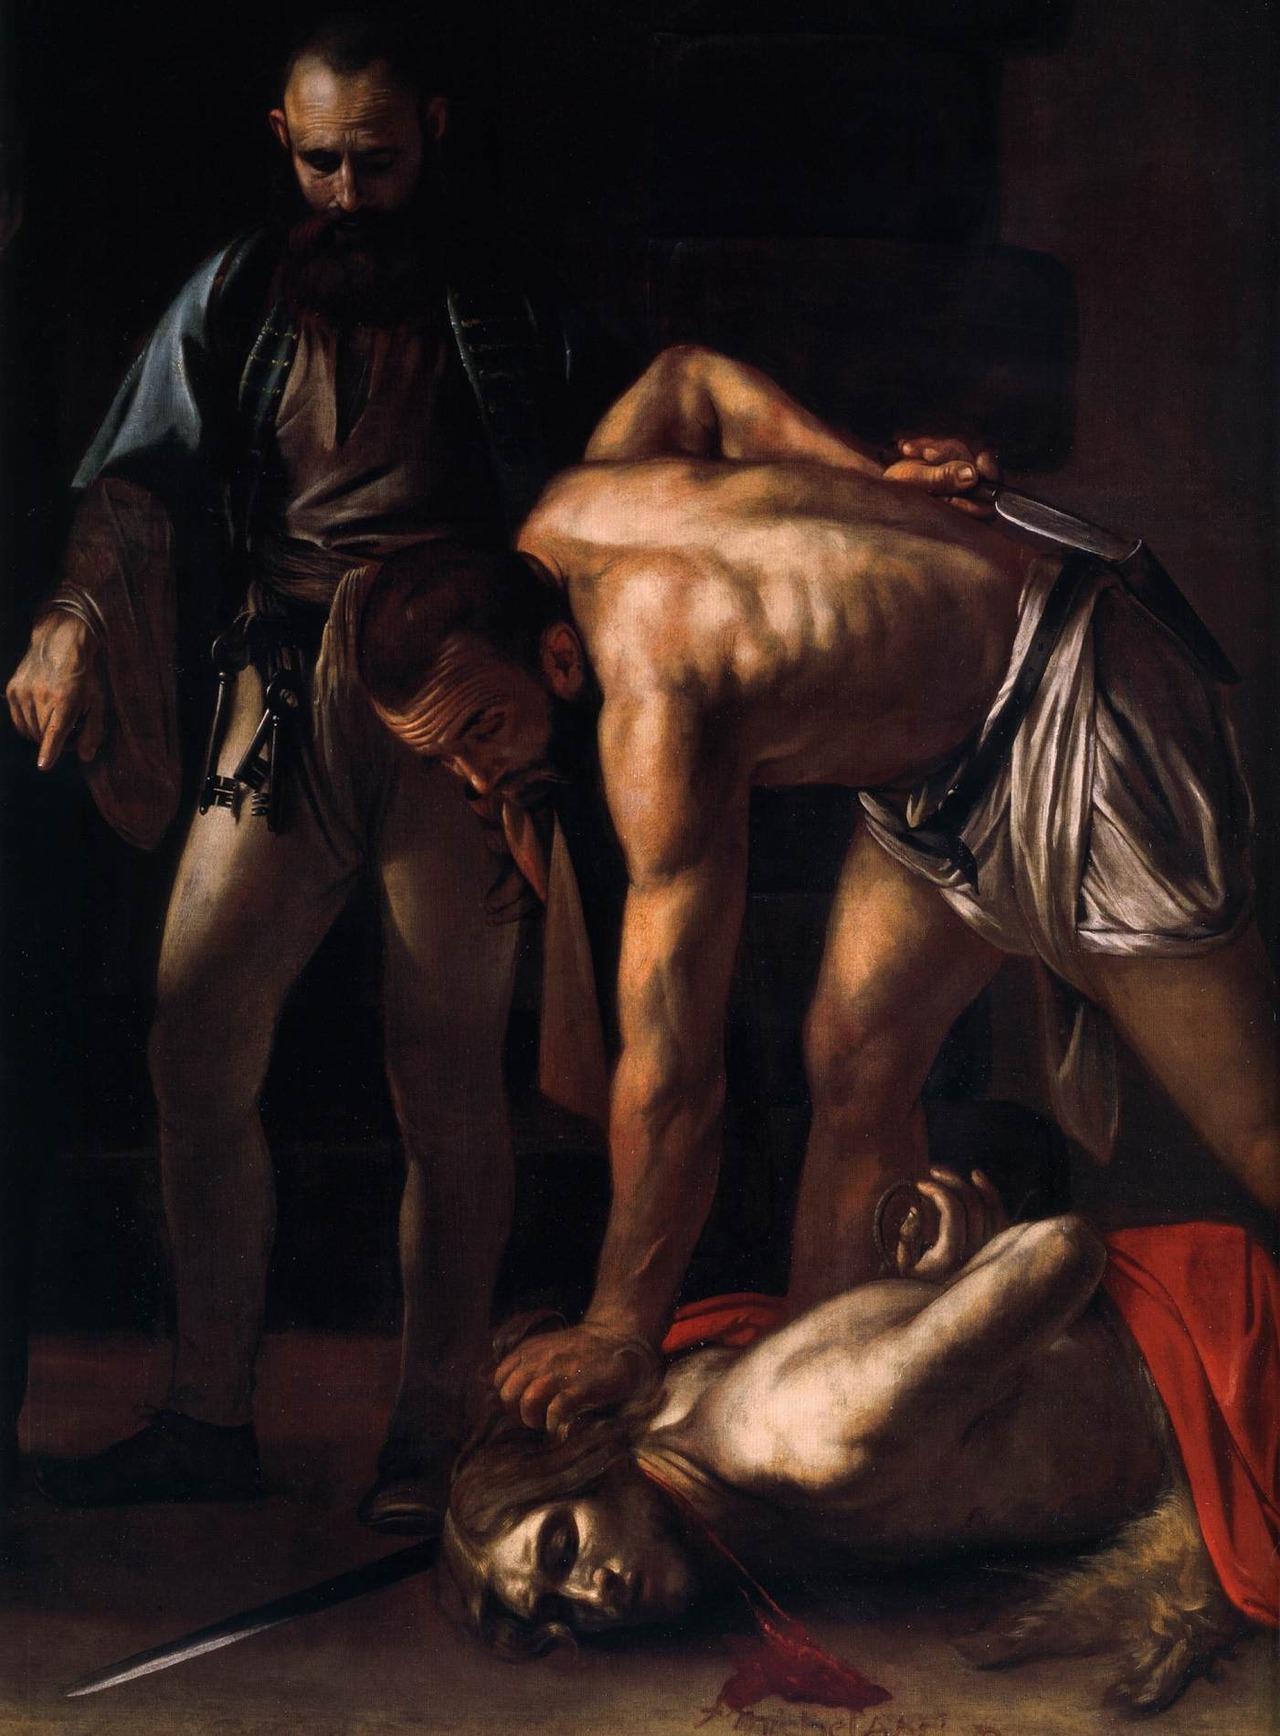 Караваджо. Усекновение главы Иоанна Крестителя. Фрагмент. Около 1608.